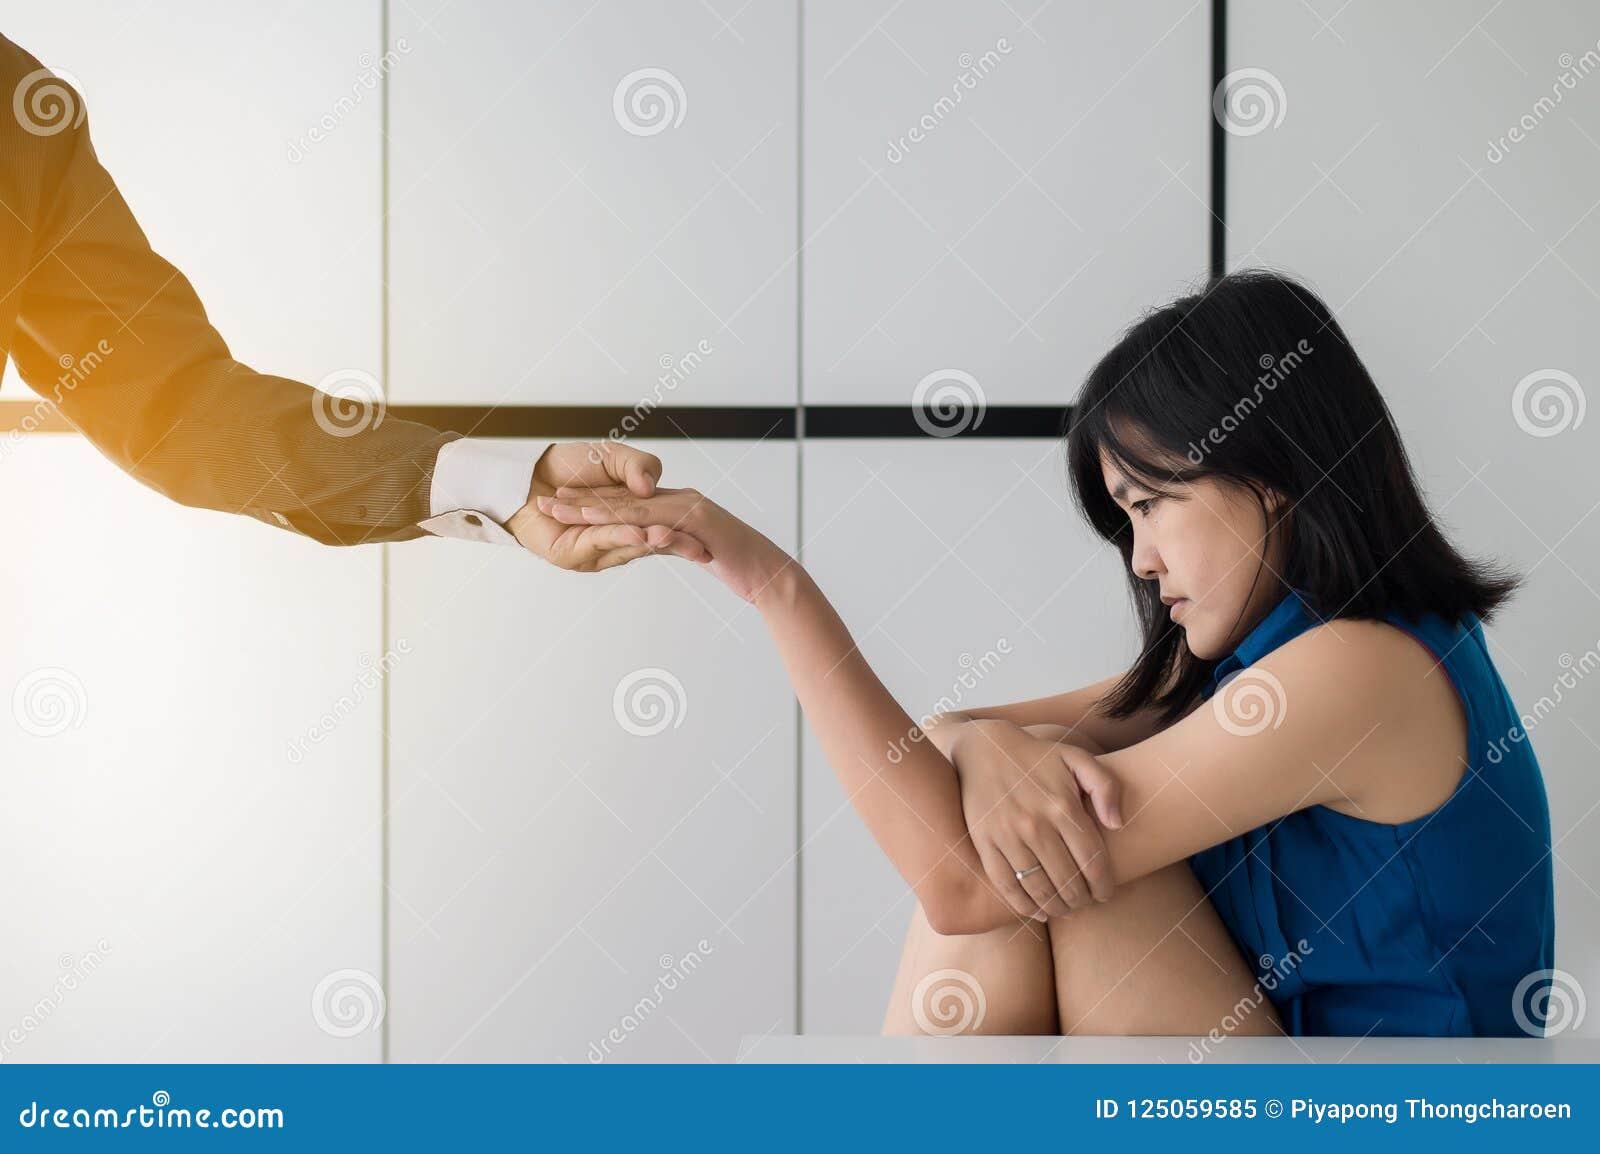 Equipaggi dare la mano alla donna depressa, psichiatra che si tiene per mano il paziente, concetto mentale di sanità